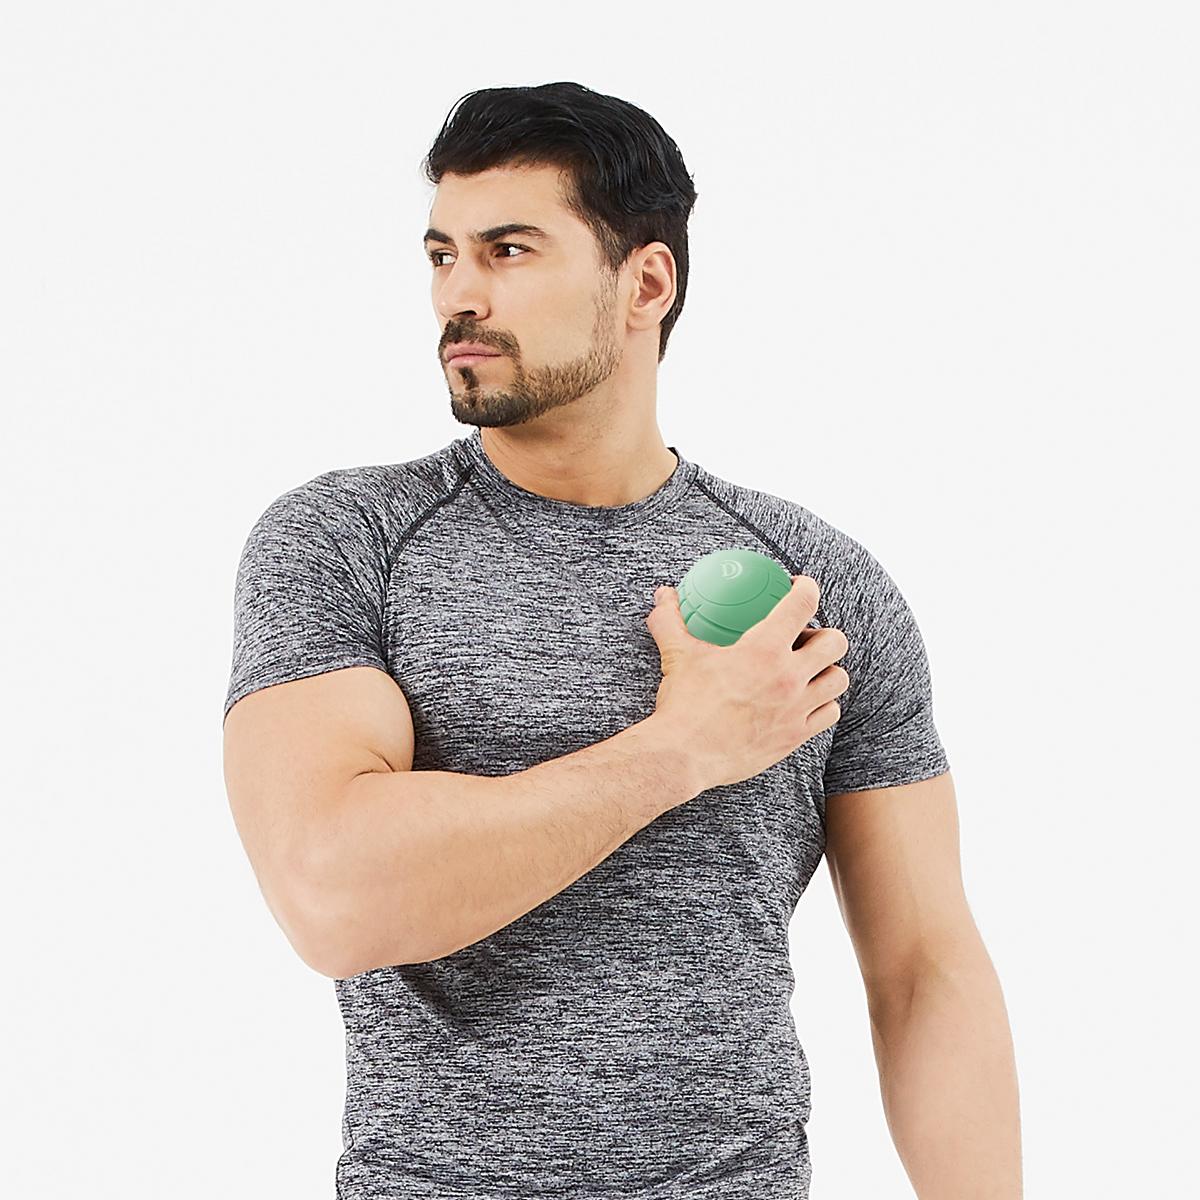 身体中をほぐしながら転がる「ブルブル丸」 | 毎分4,000回の振動が筋肉を奥深くから揺さぶる